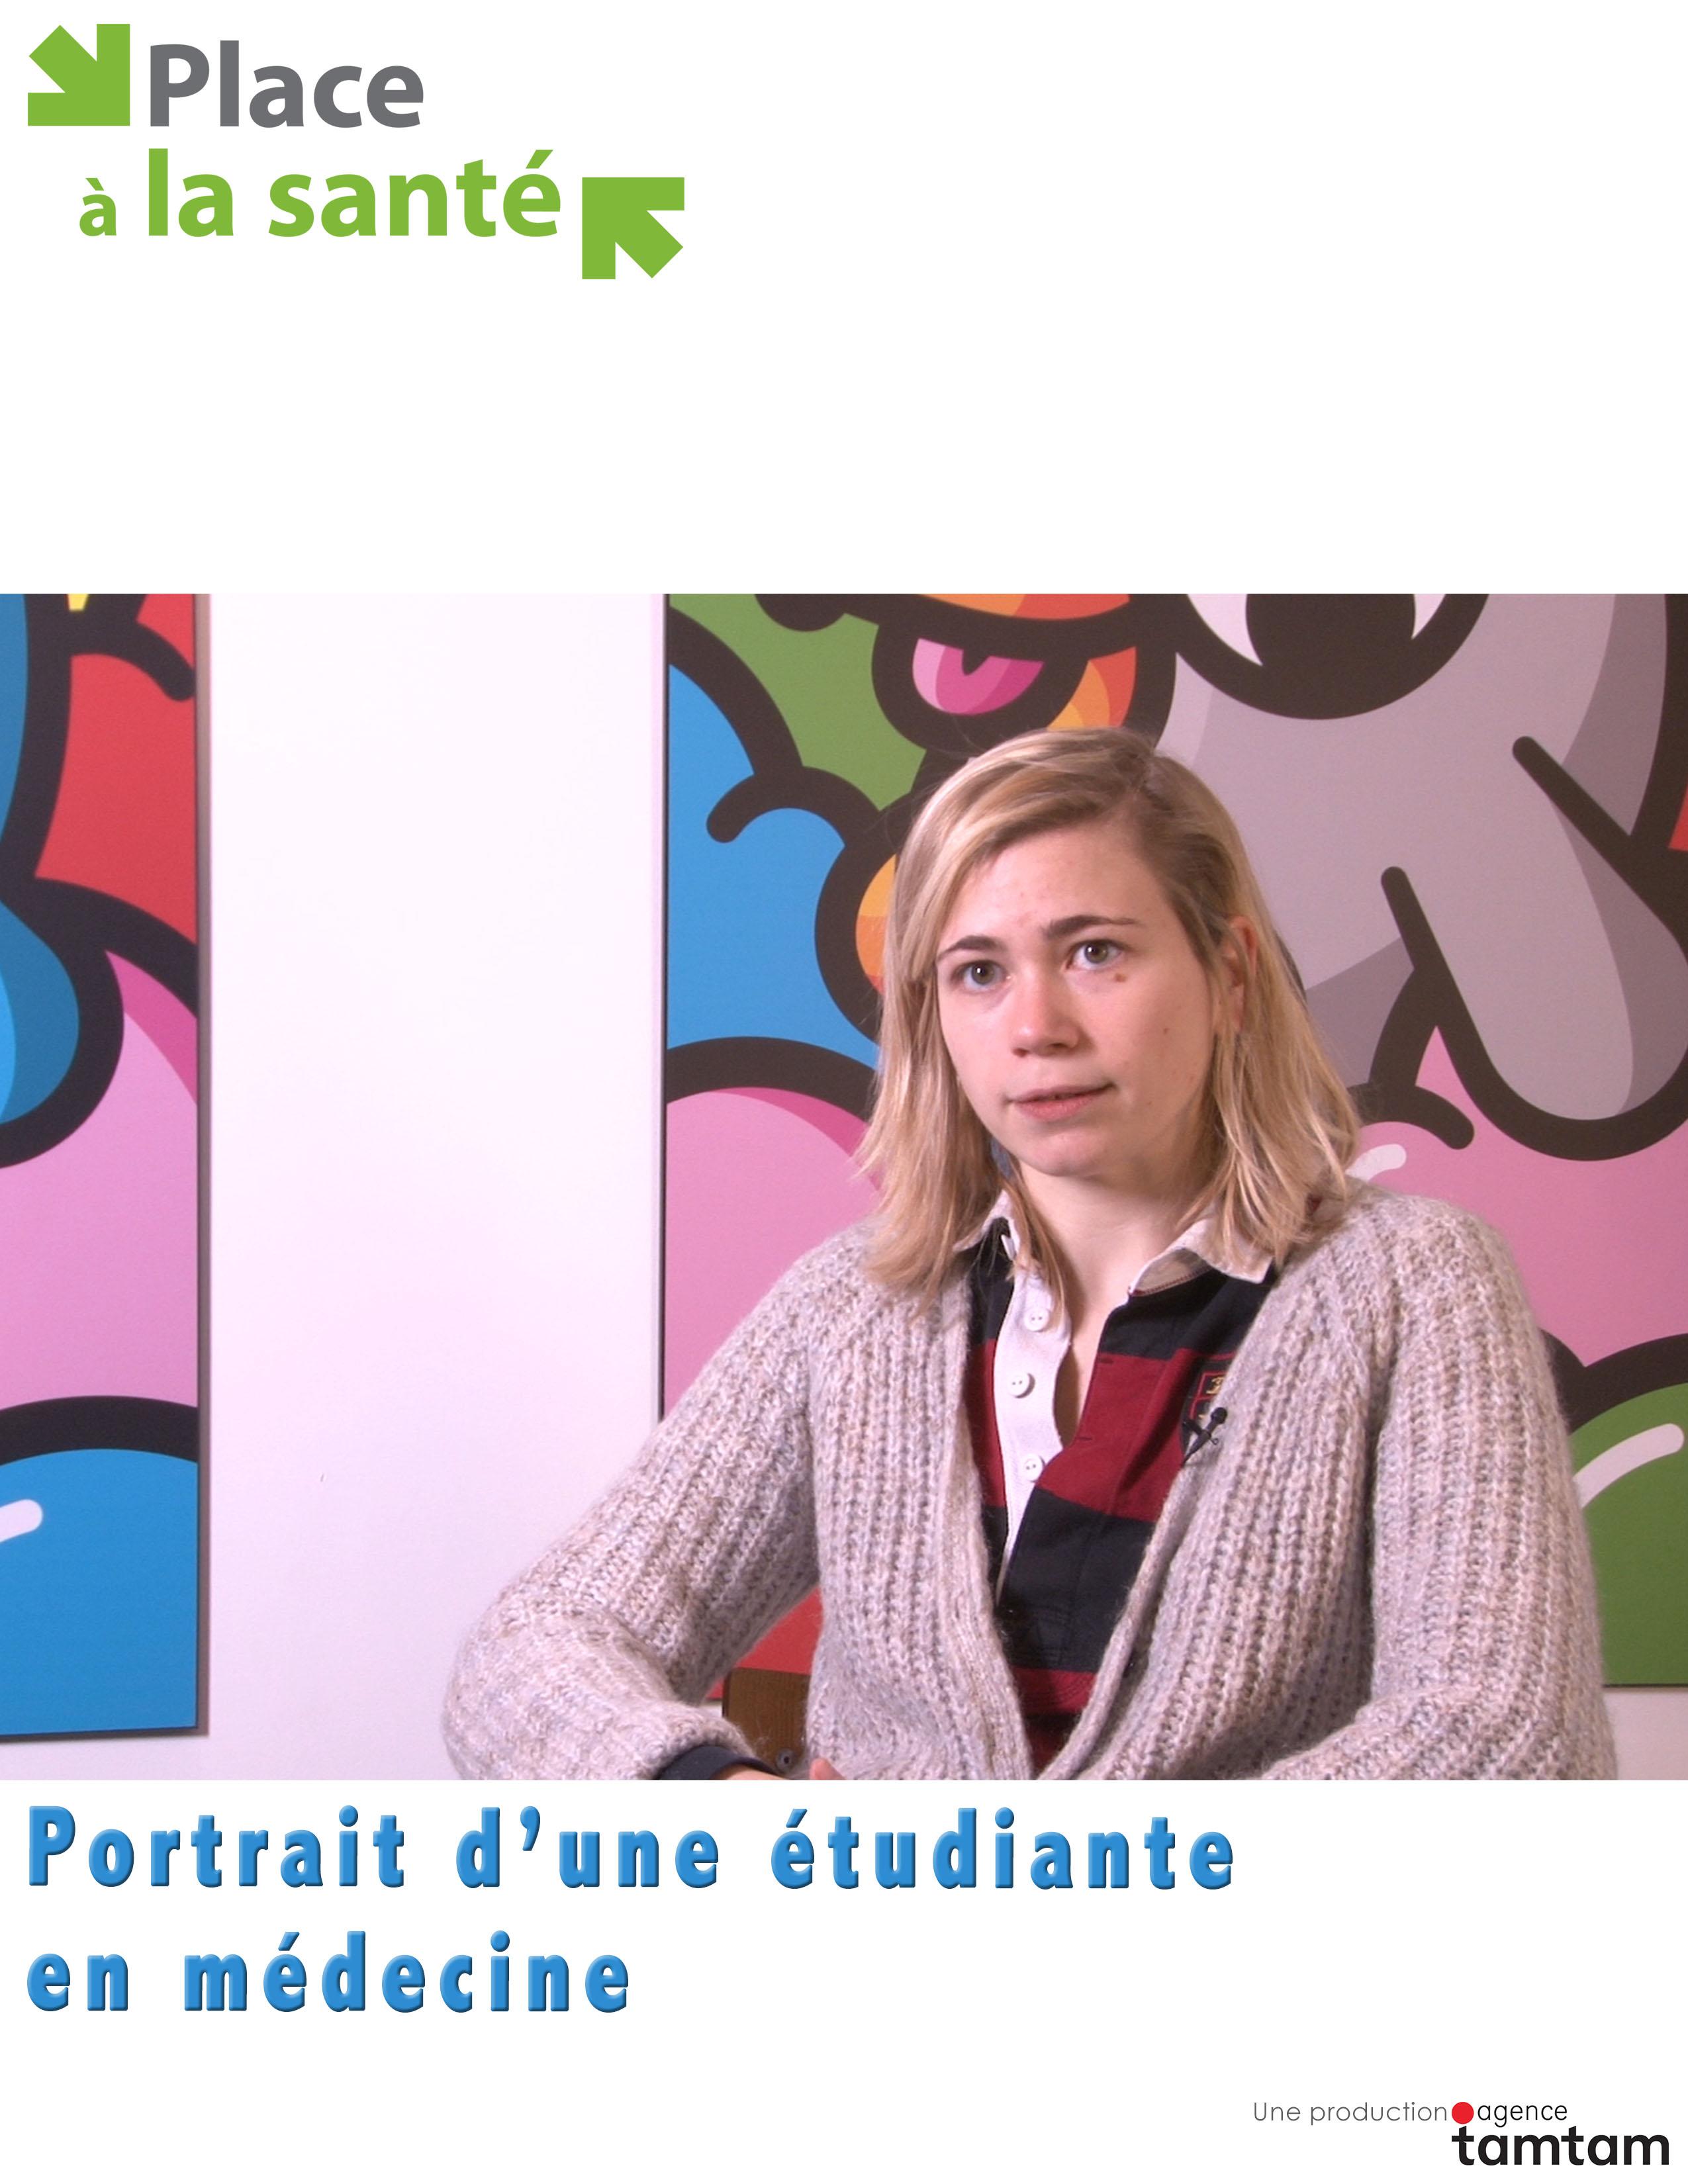 Portrait d'une étudiante en médecine